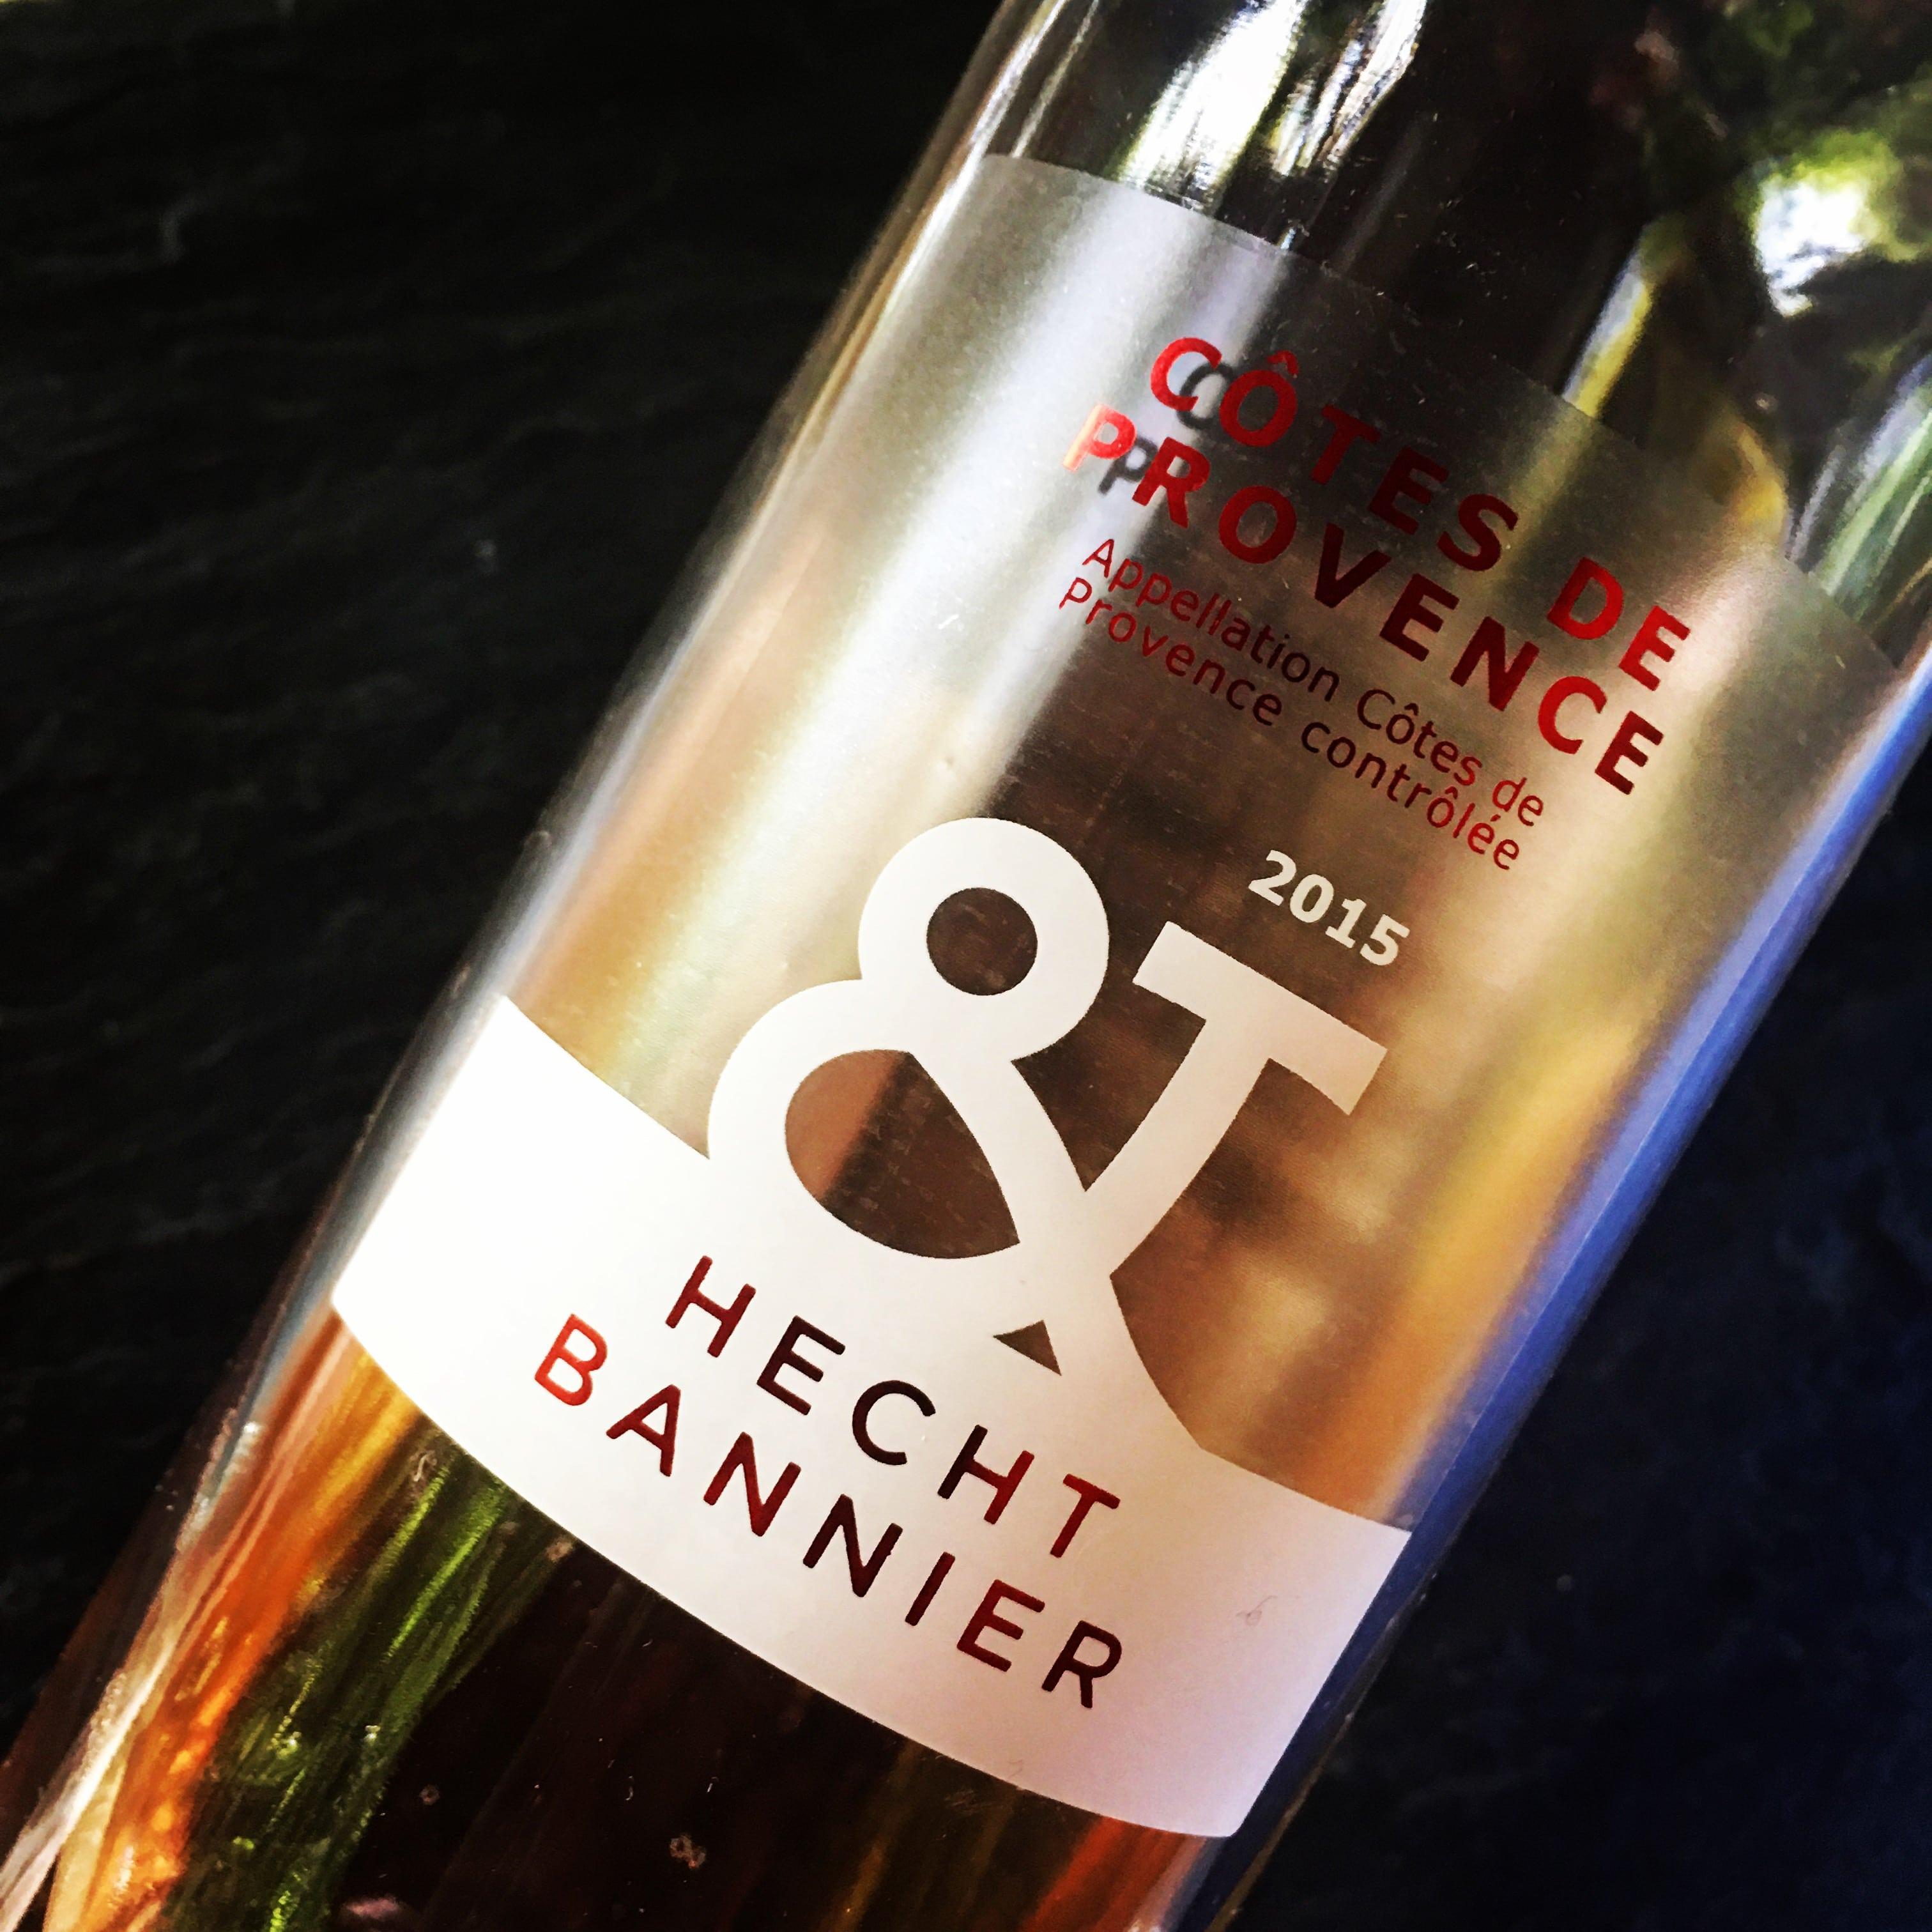 Hecht & Bannier Côtes de Provence Rosé 2015